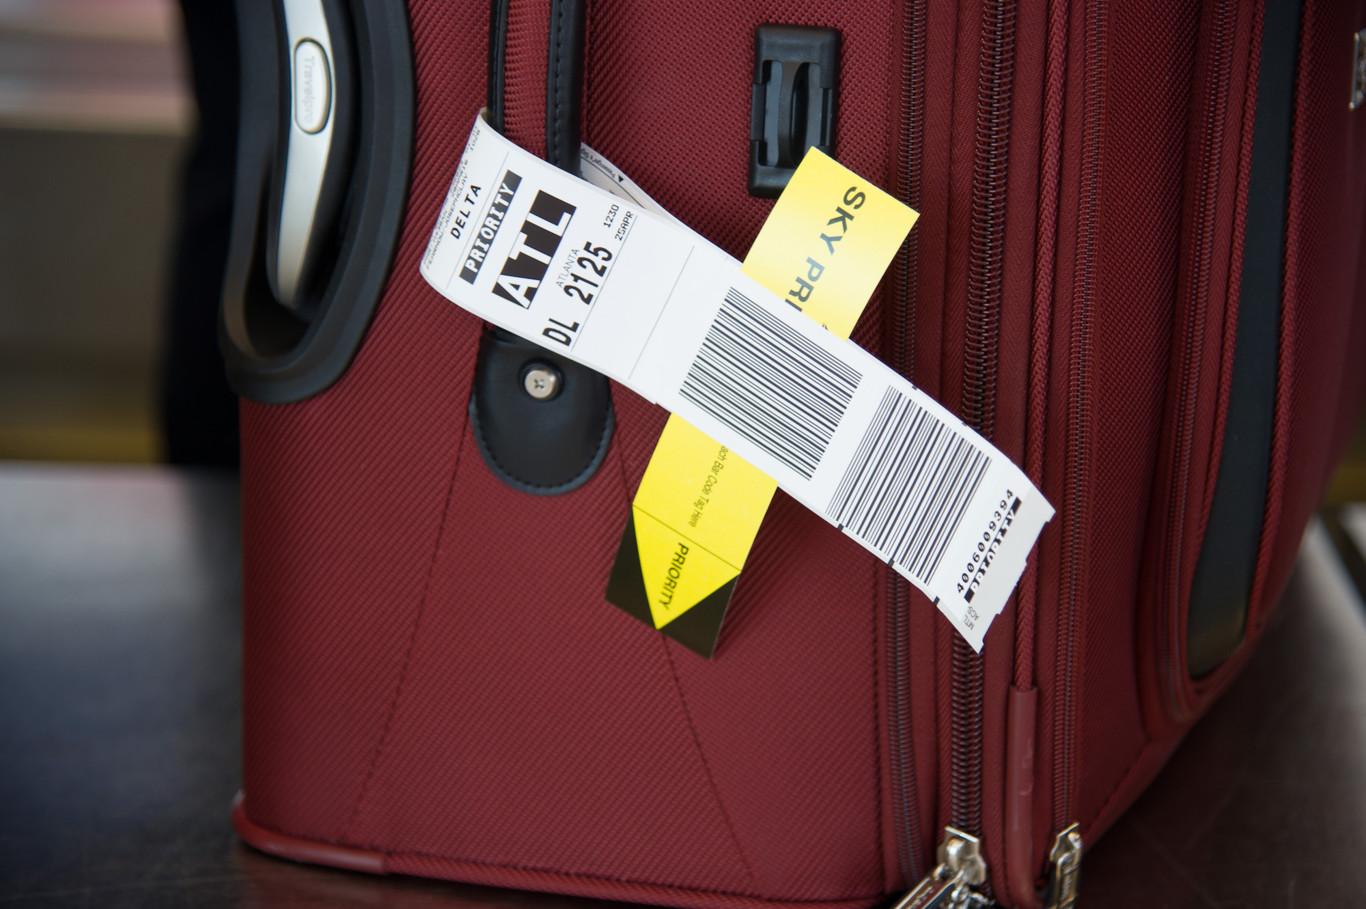 La pesadilla de perder equipaje podría llegar a su fin gracias a nuevas etiquetas RFID